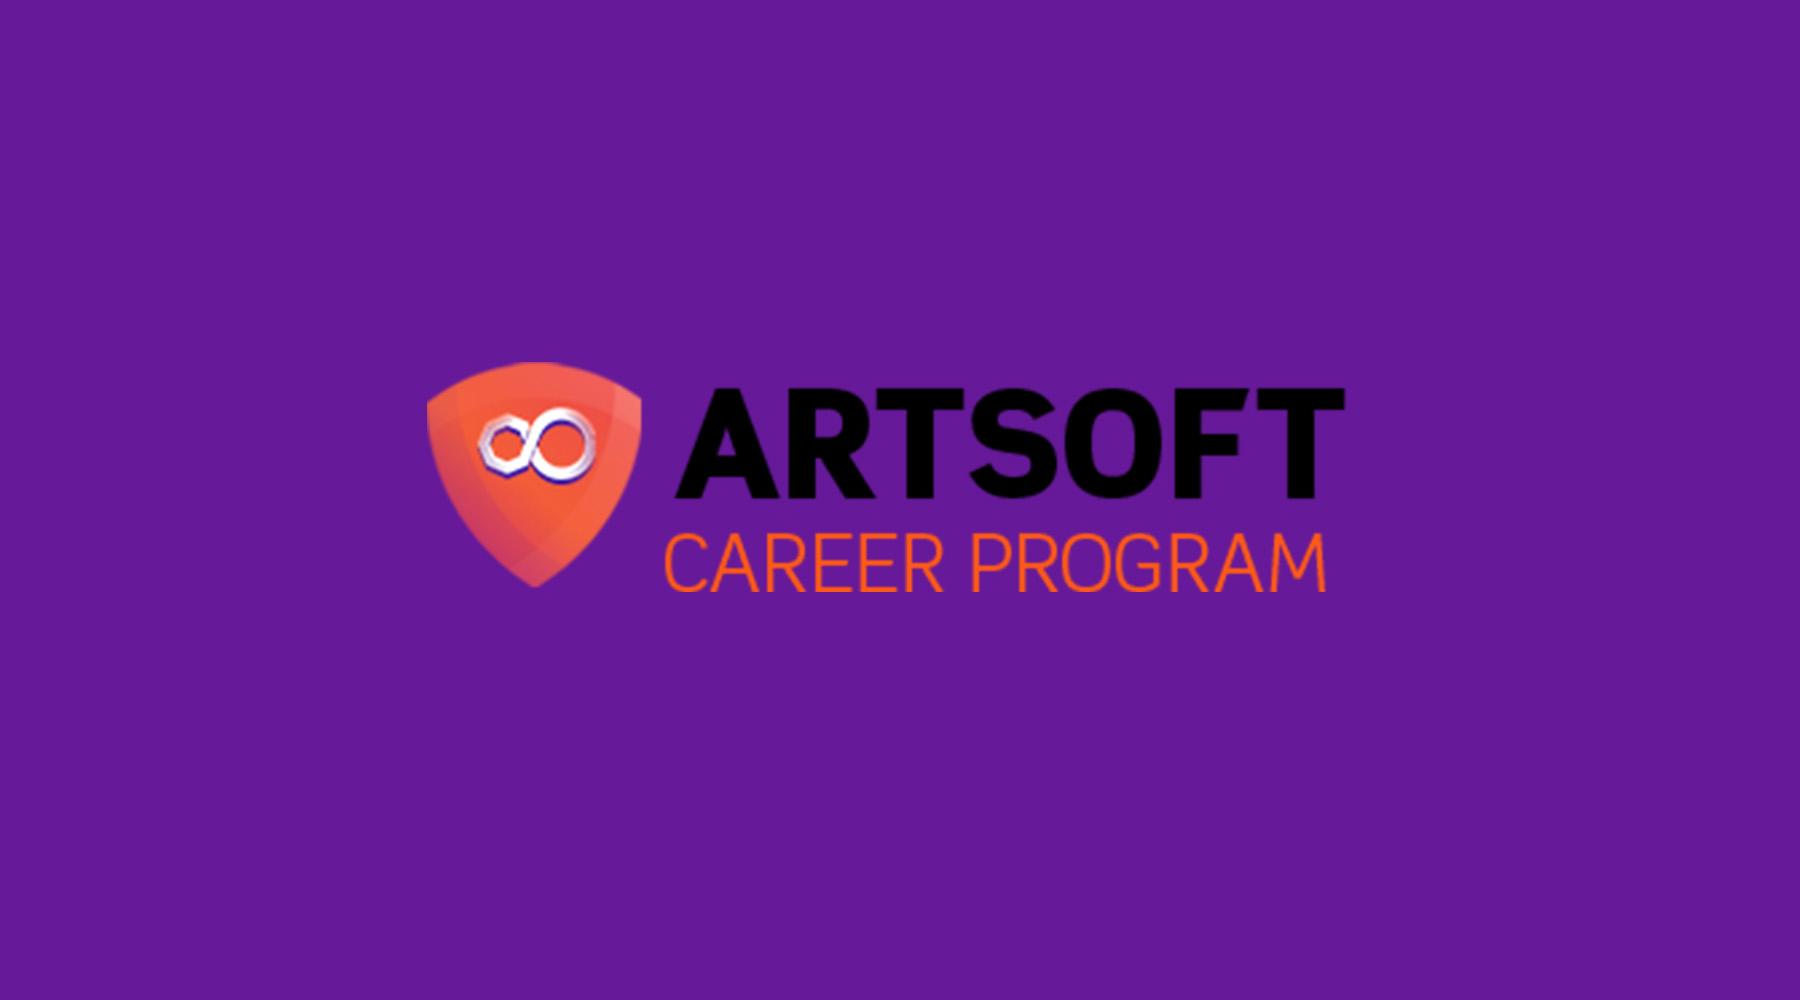 ARTSOFT lança 2ªedição do Career Program